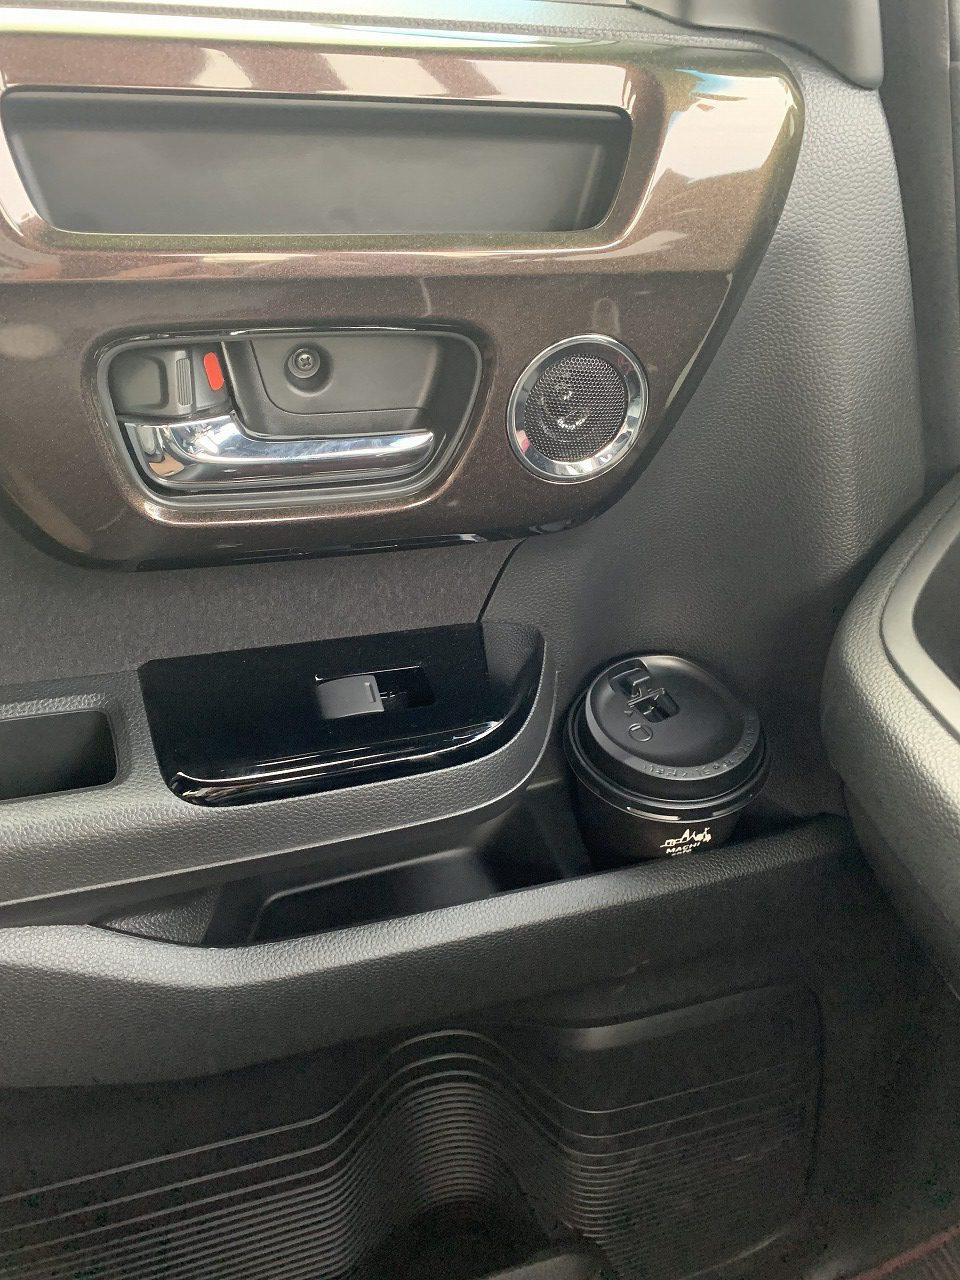 N-BOXの助手席ドアのミドルポケットのドリンクホルダーは紙コップを入れると大変なことに(汗・・・